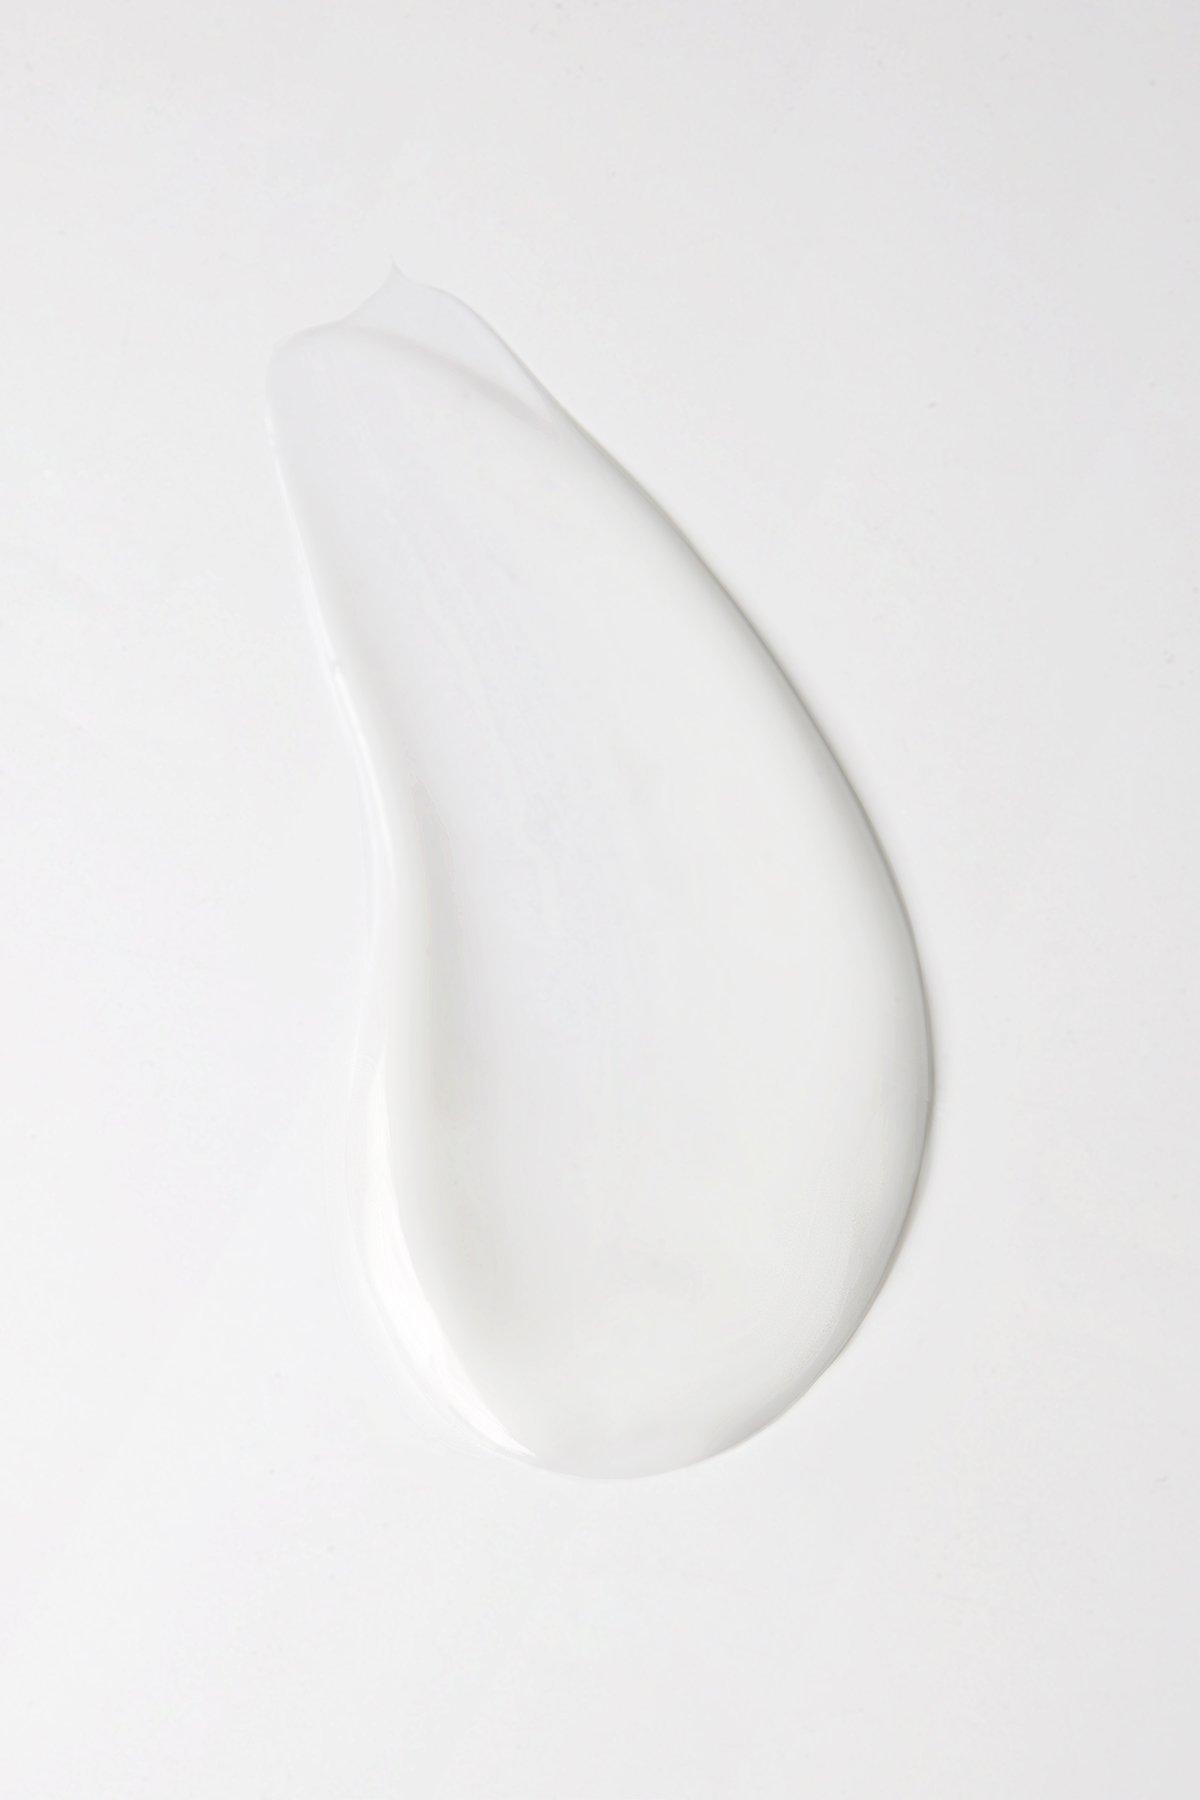 Augustinus bader the cream cleansing gel 100ml